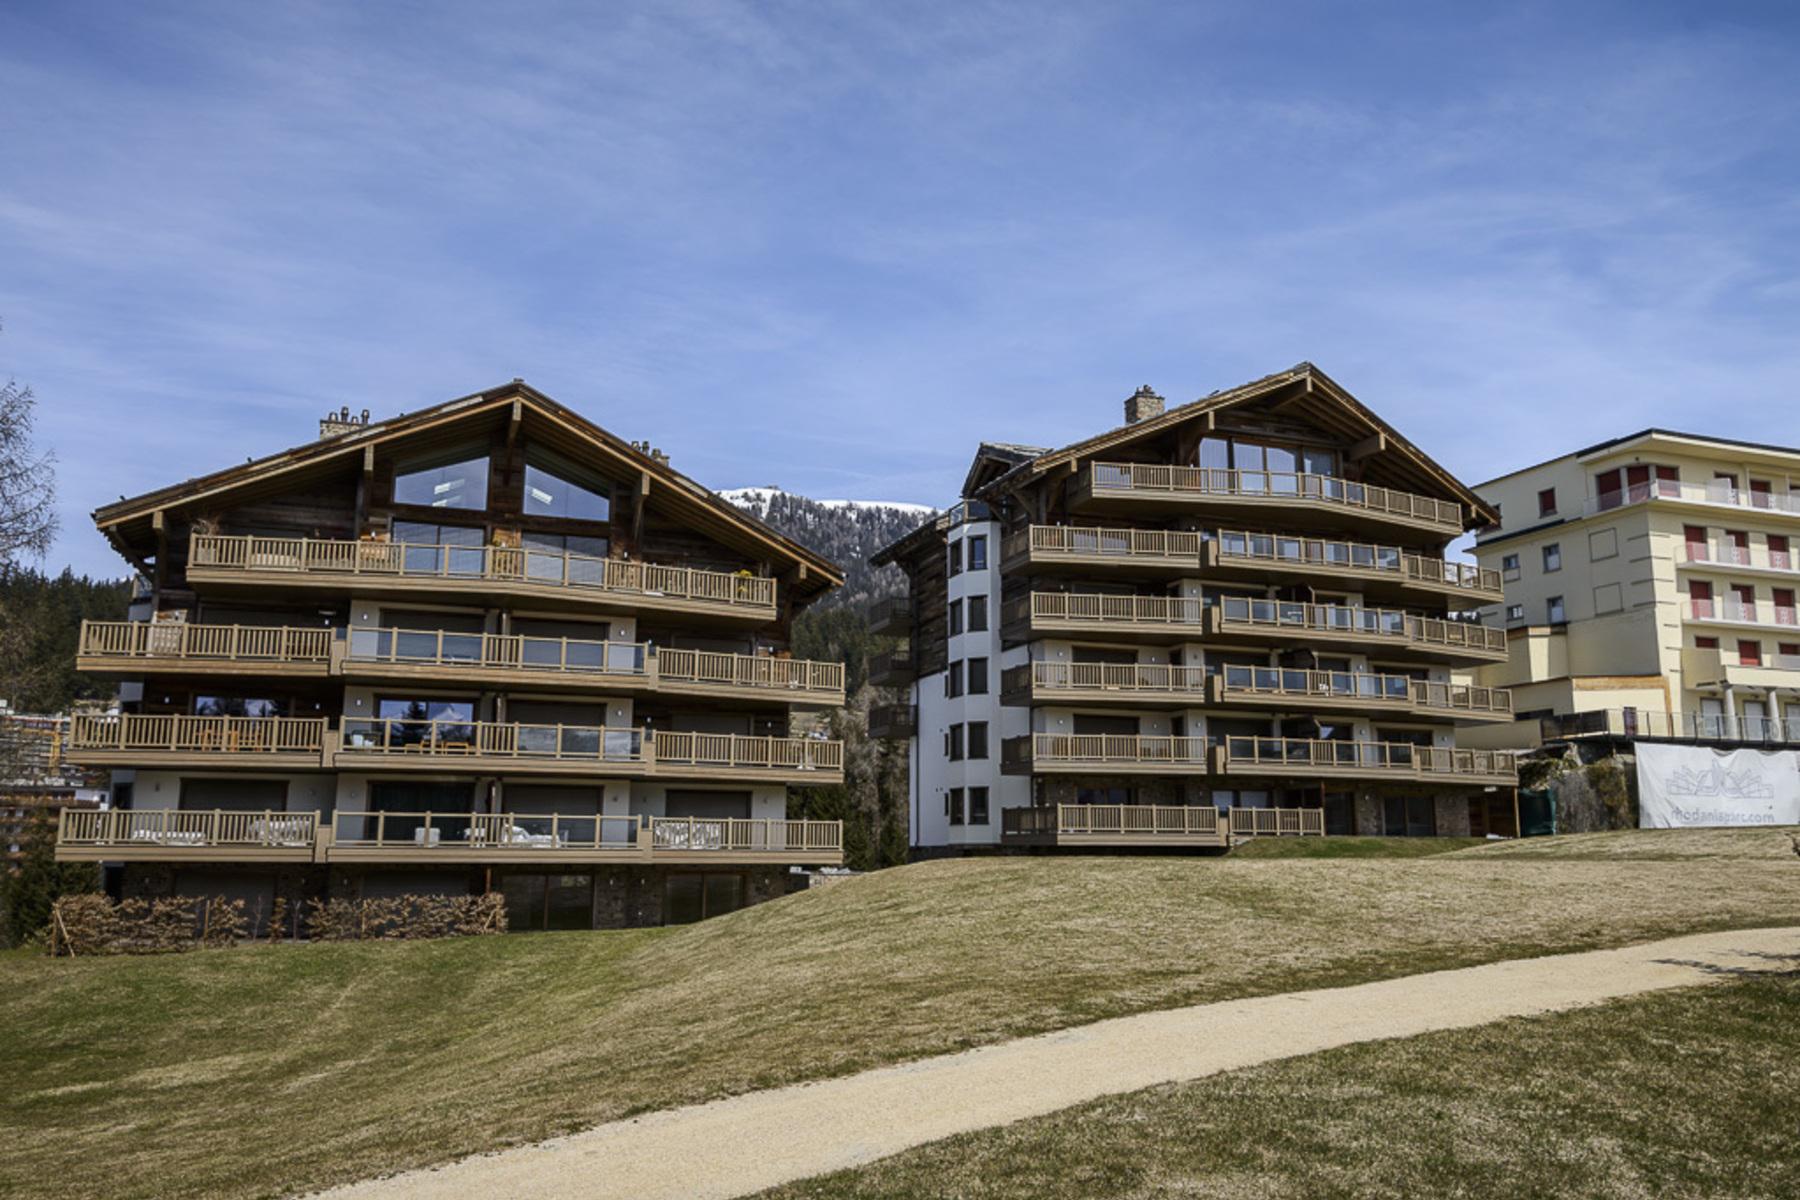 Condominium for Sale at Barolins, 3 rooms, 3rd floor Route des Mélèzes Crans, Valais, 3963 Switzerland